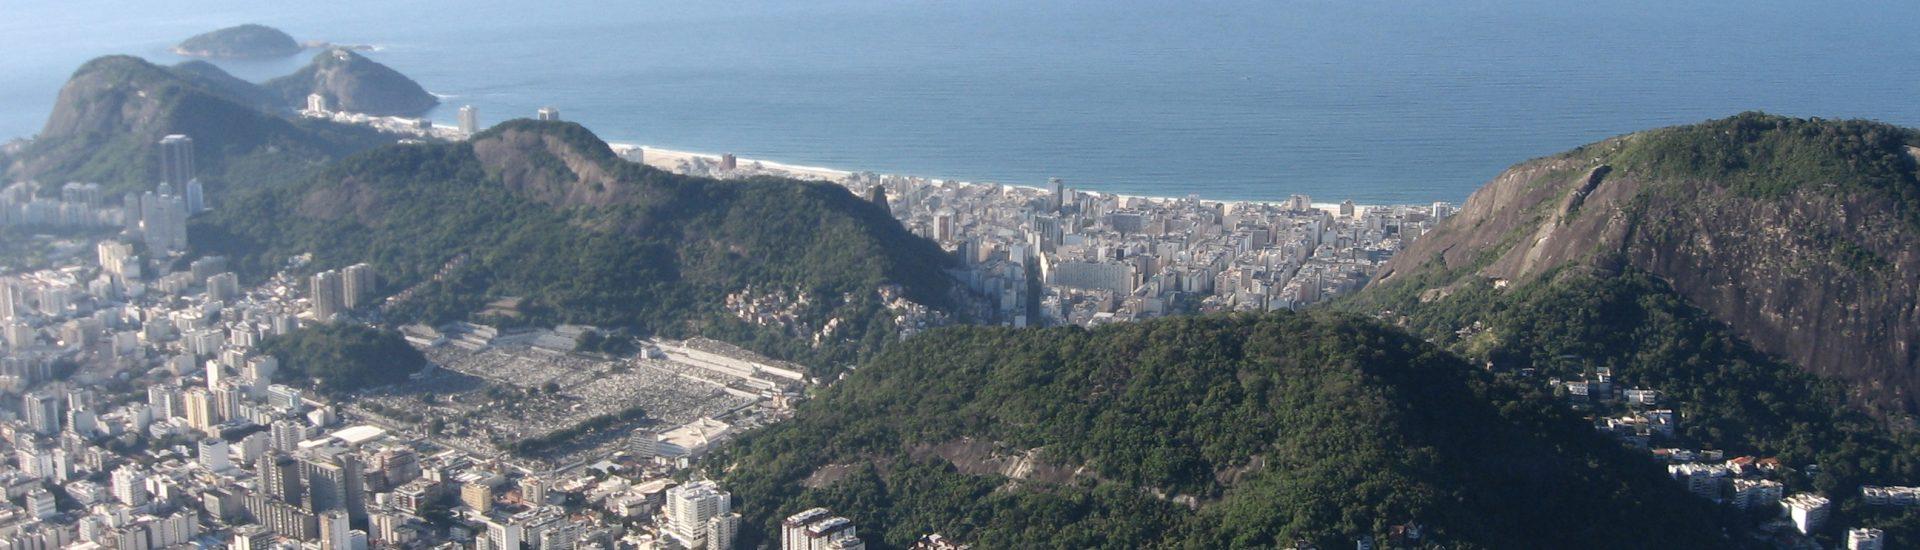 aerial view of Copacabana Rio